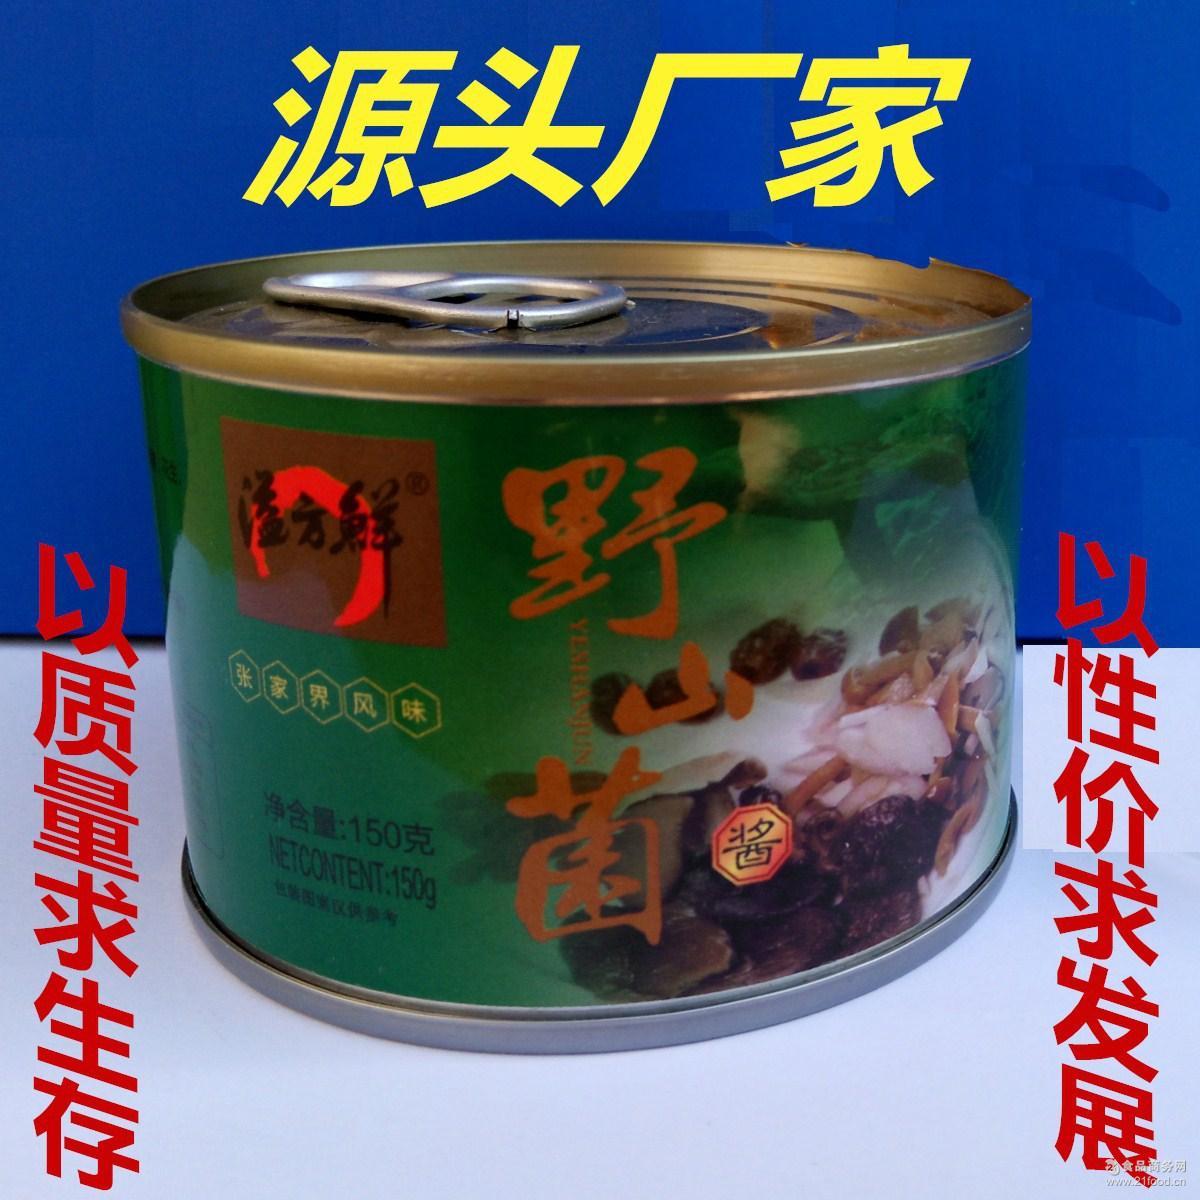 野山菌酱 香菇酱 特产店产品 旅游市场热卖 菌菇酱 食品